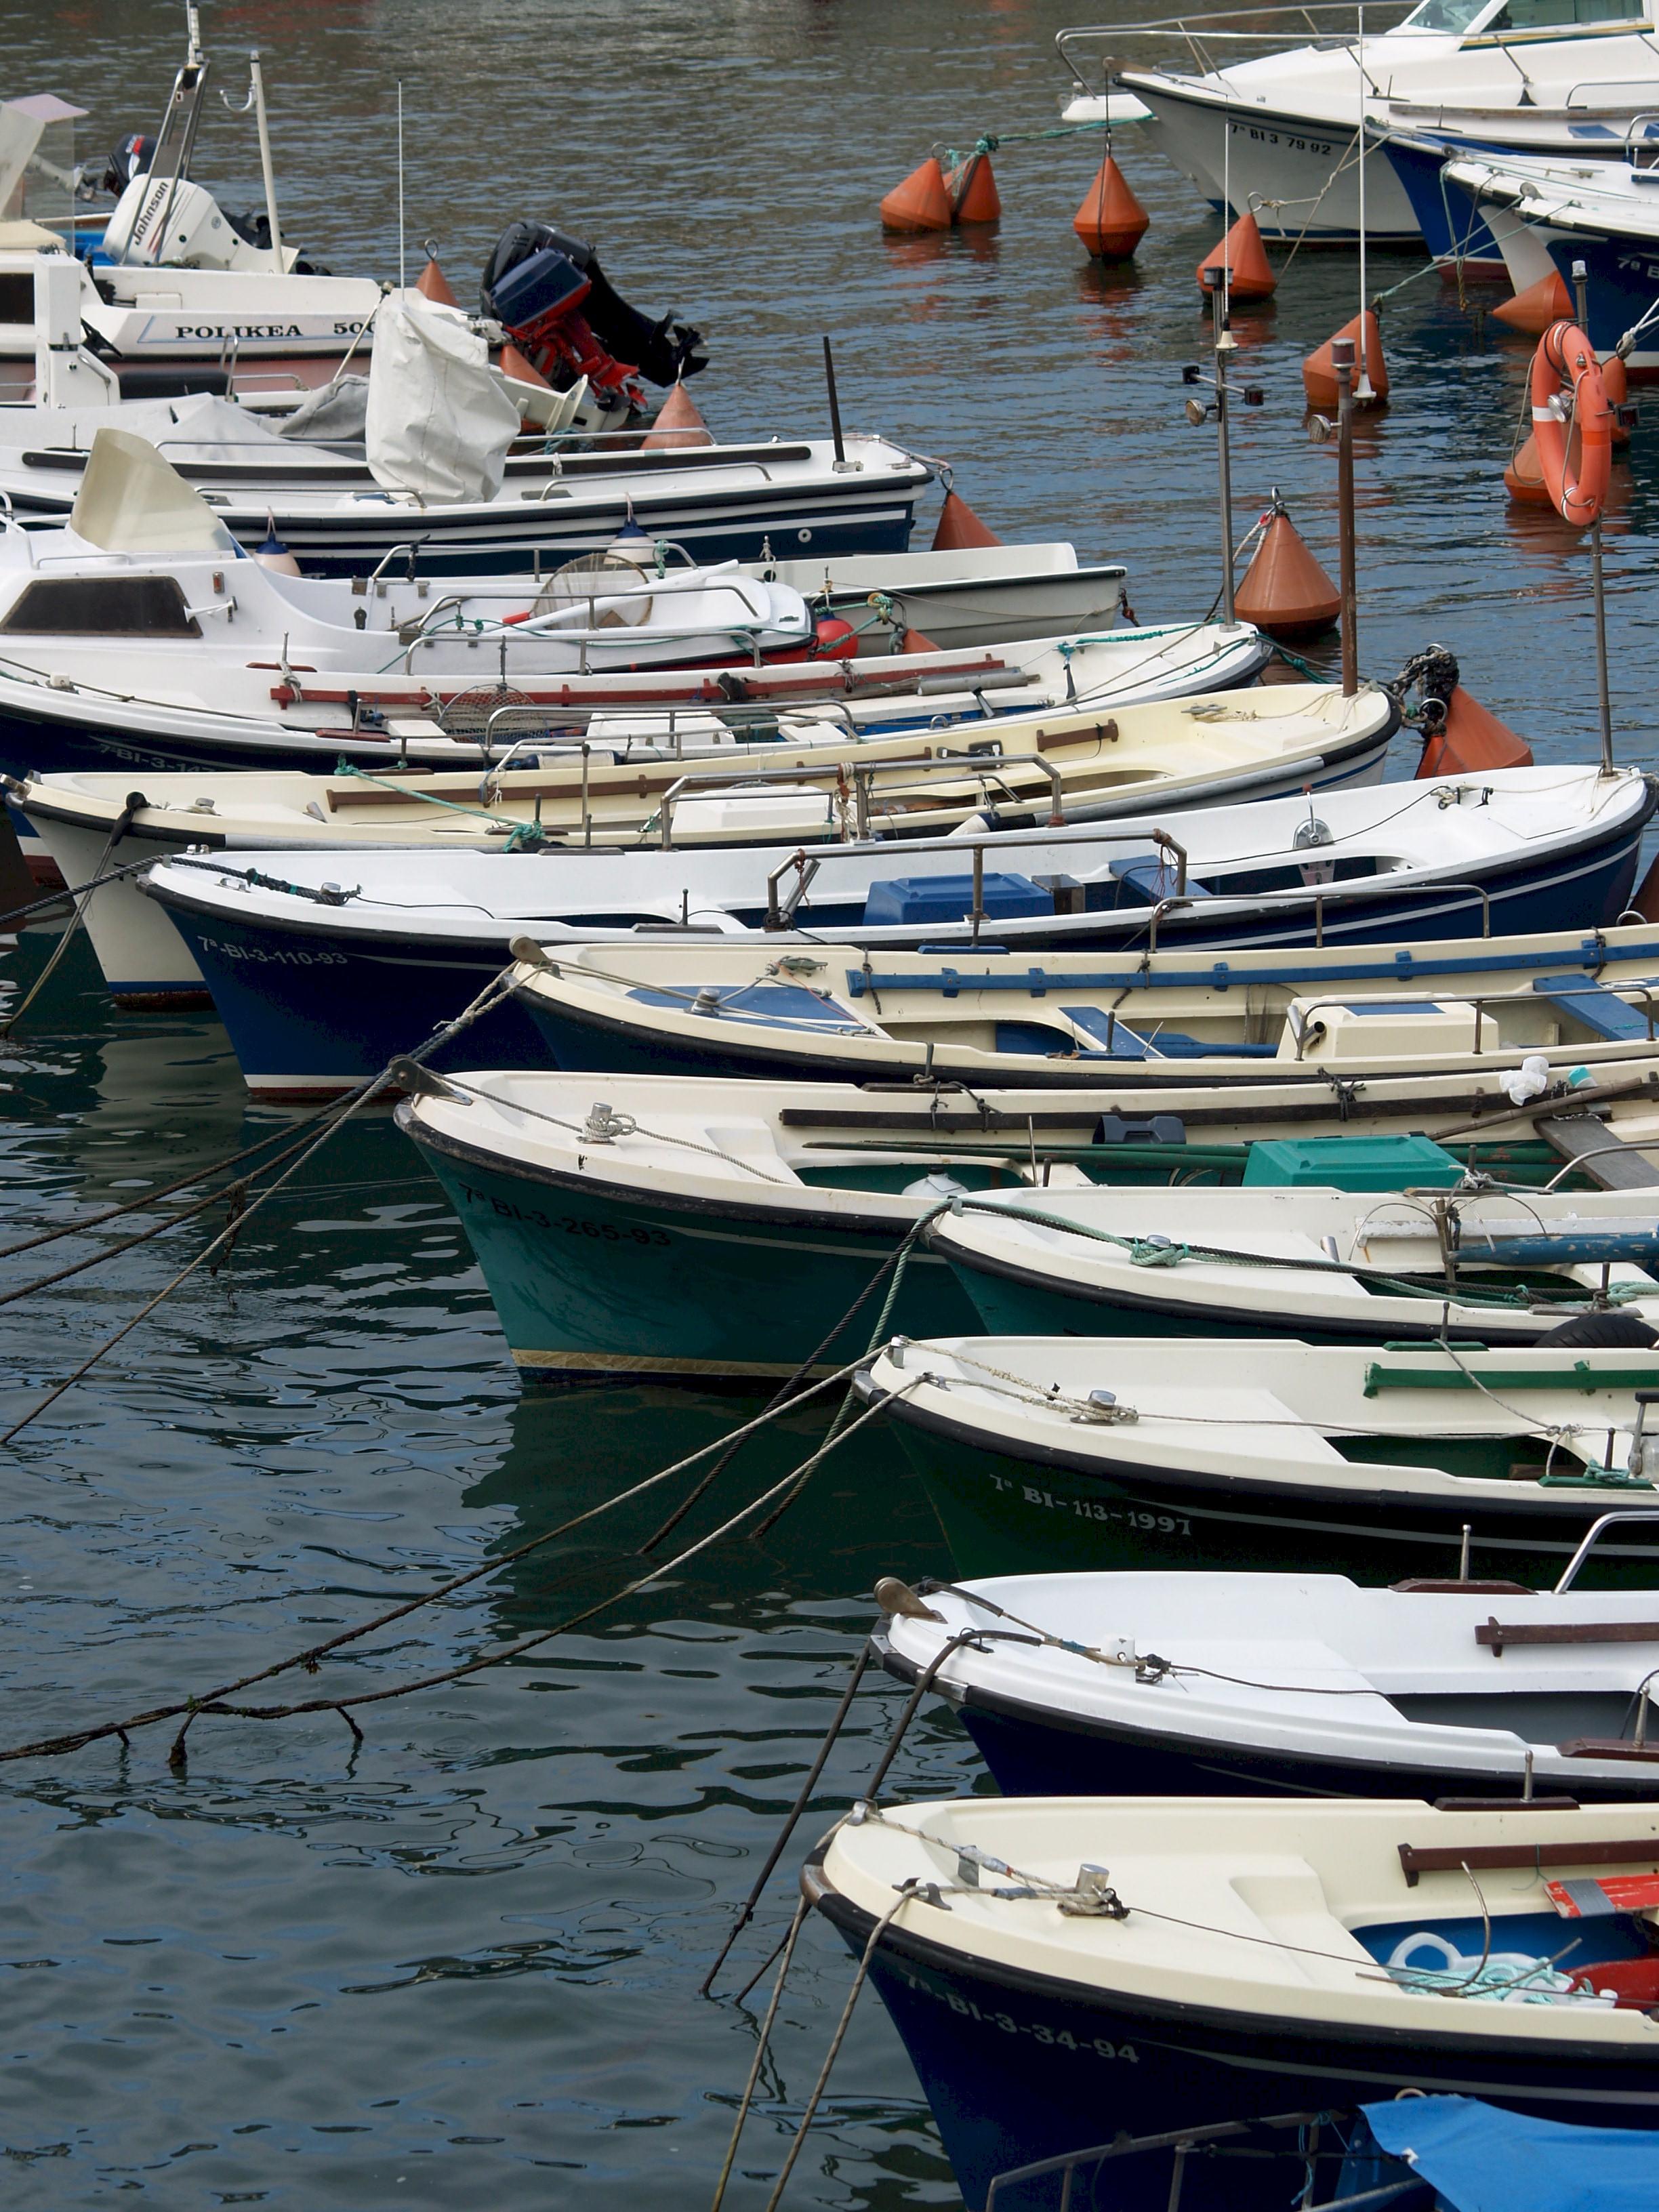 Foto playa Armintza / Armintzekoalde. Armintza